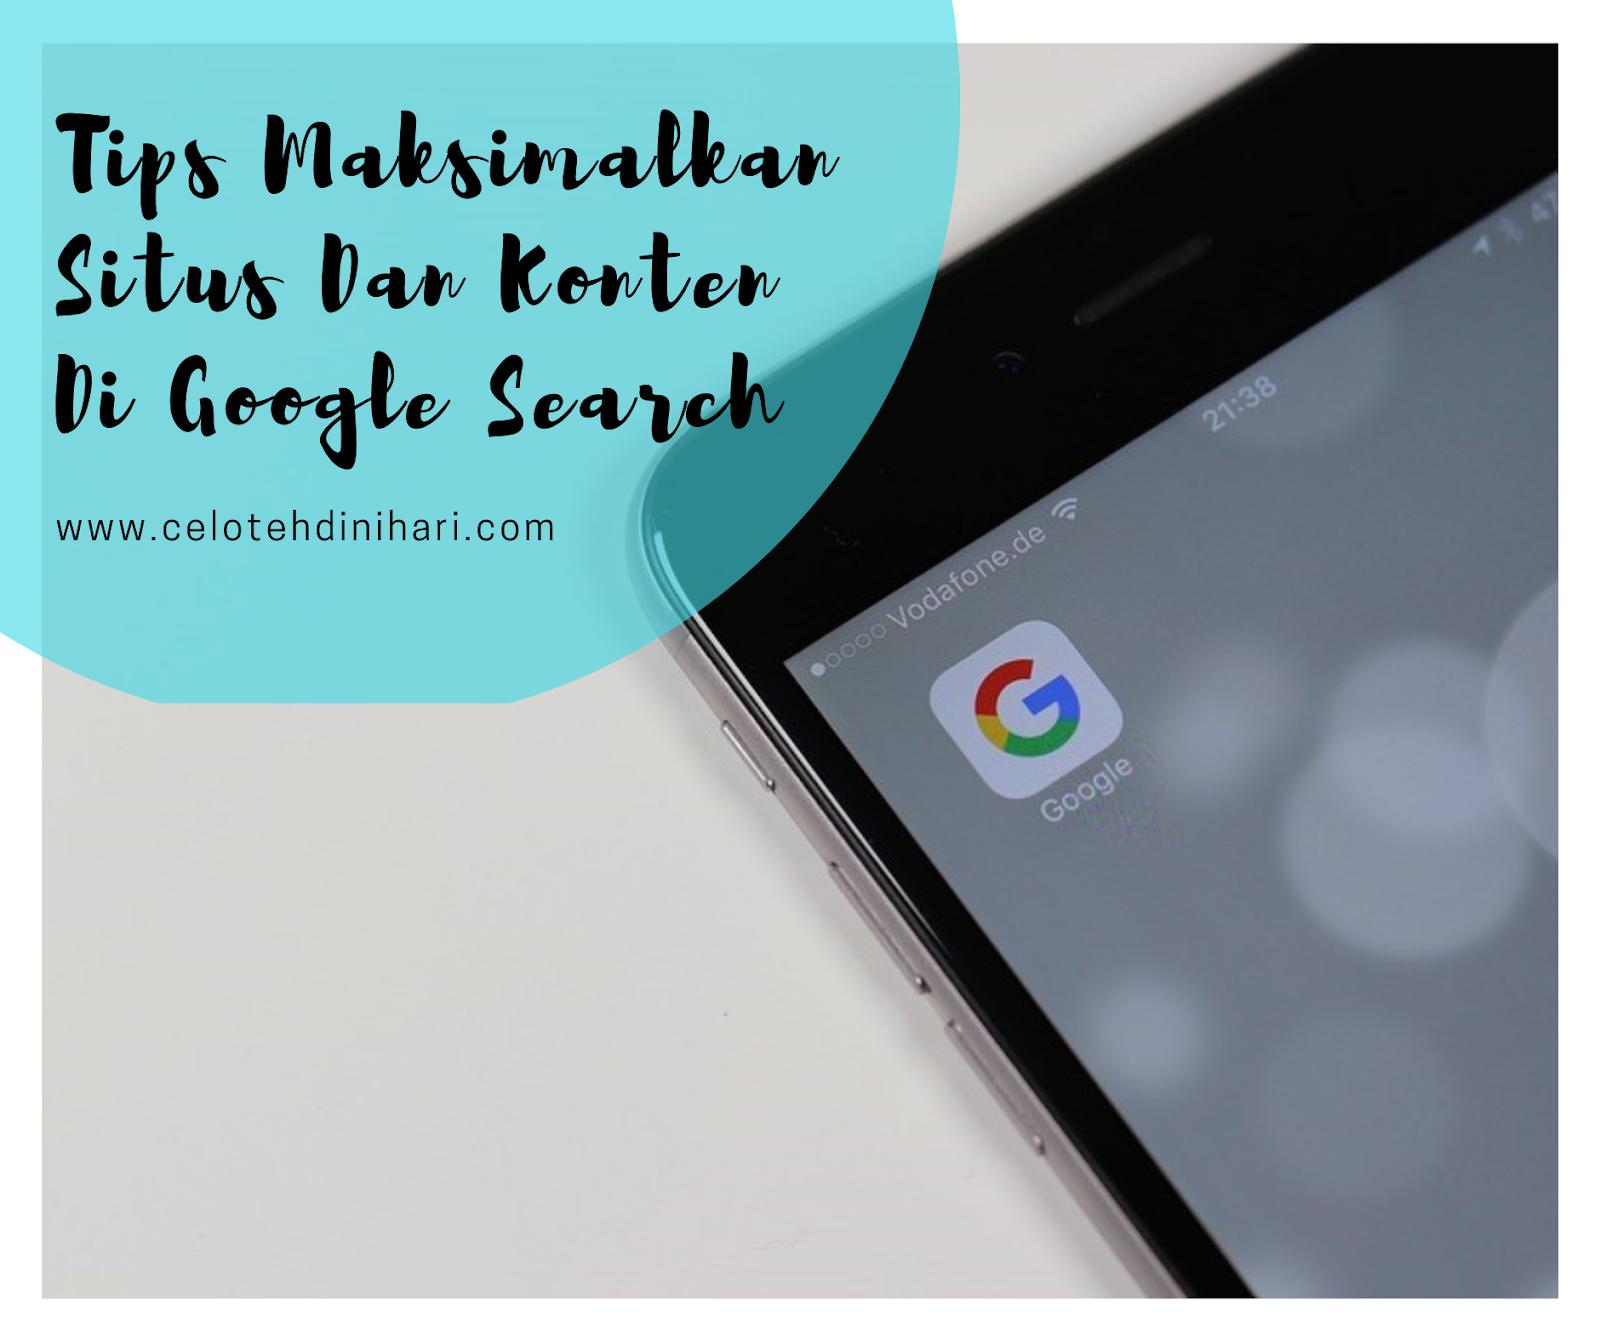 Tips maksimalkan konten dan situs di google search